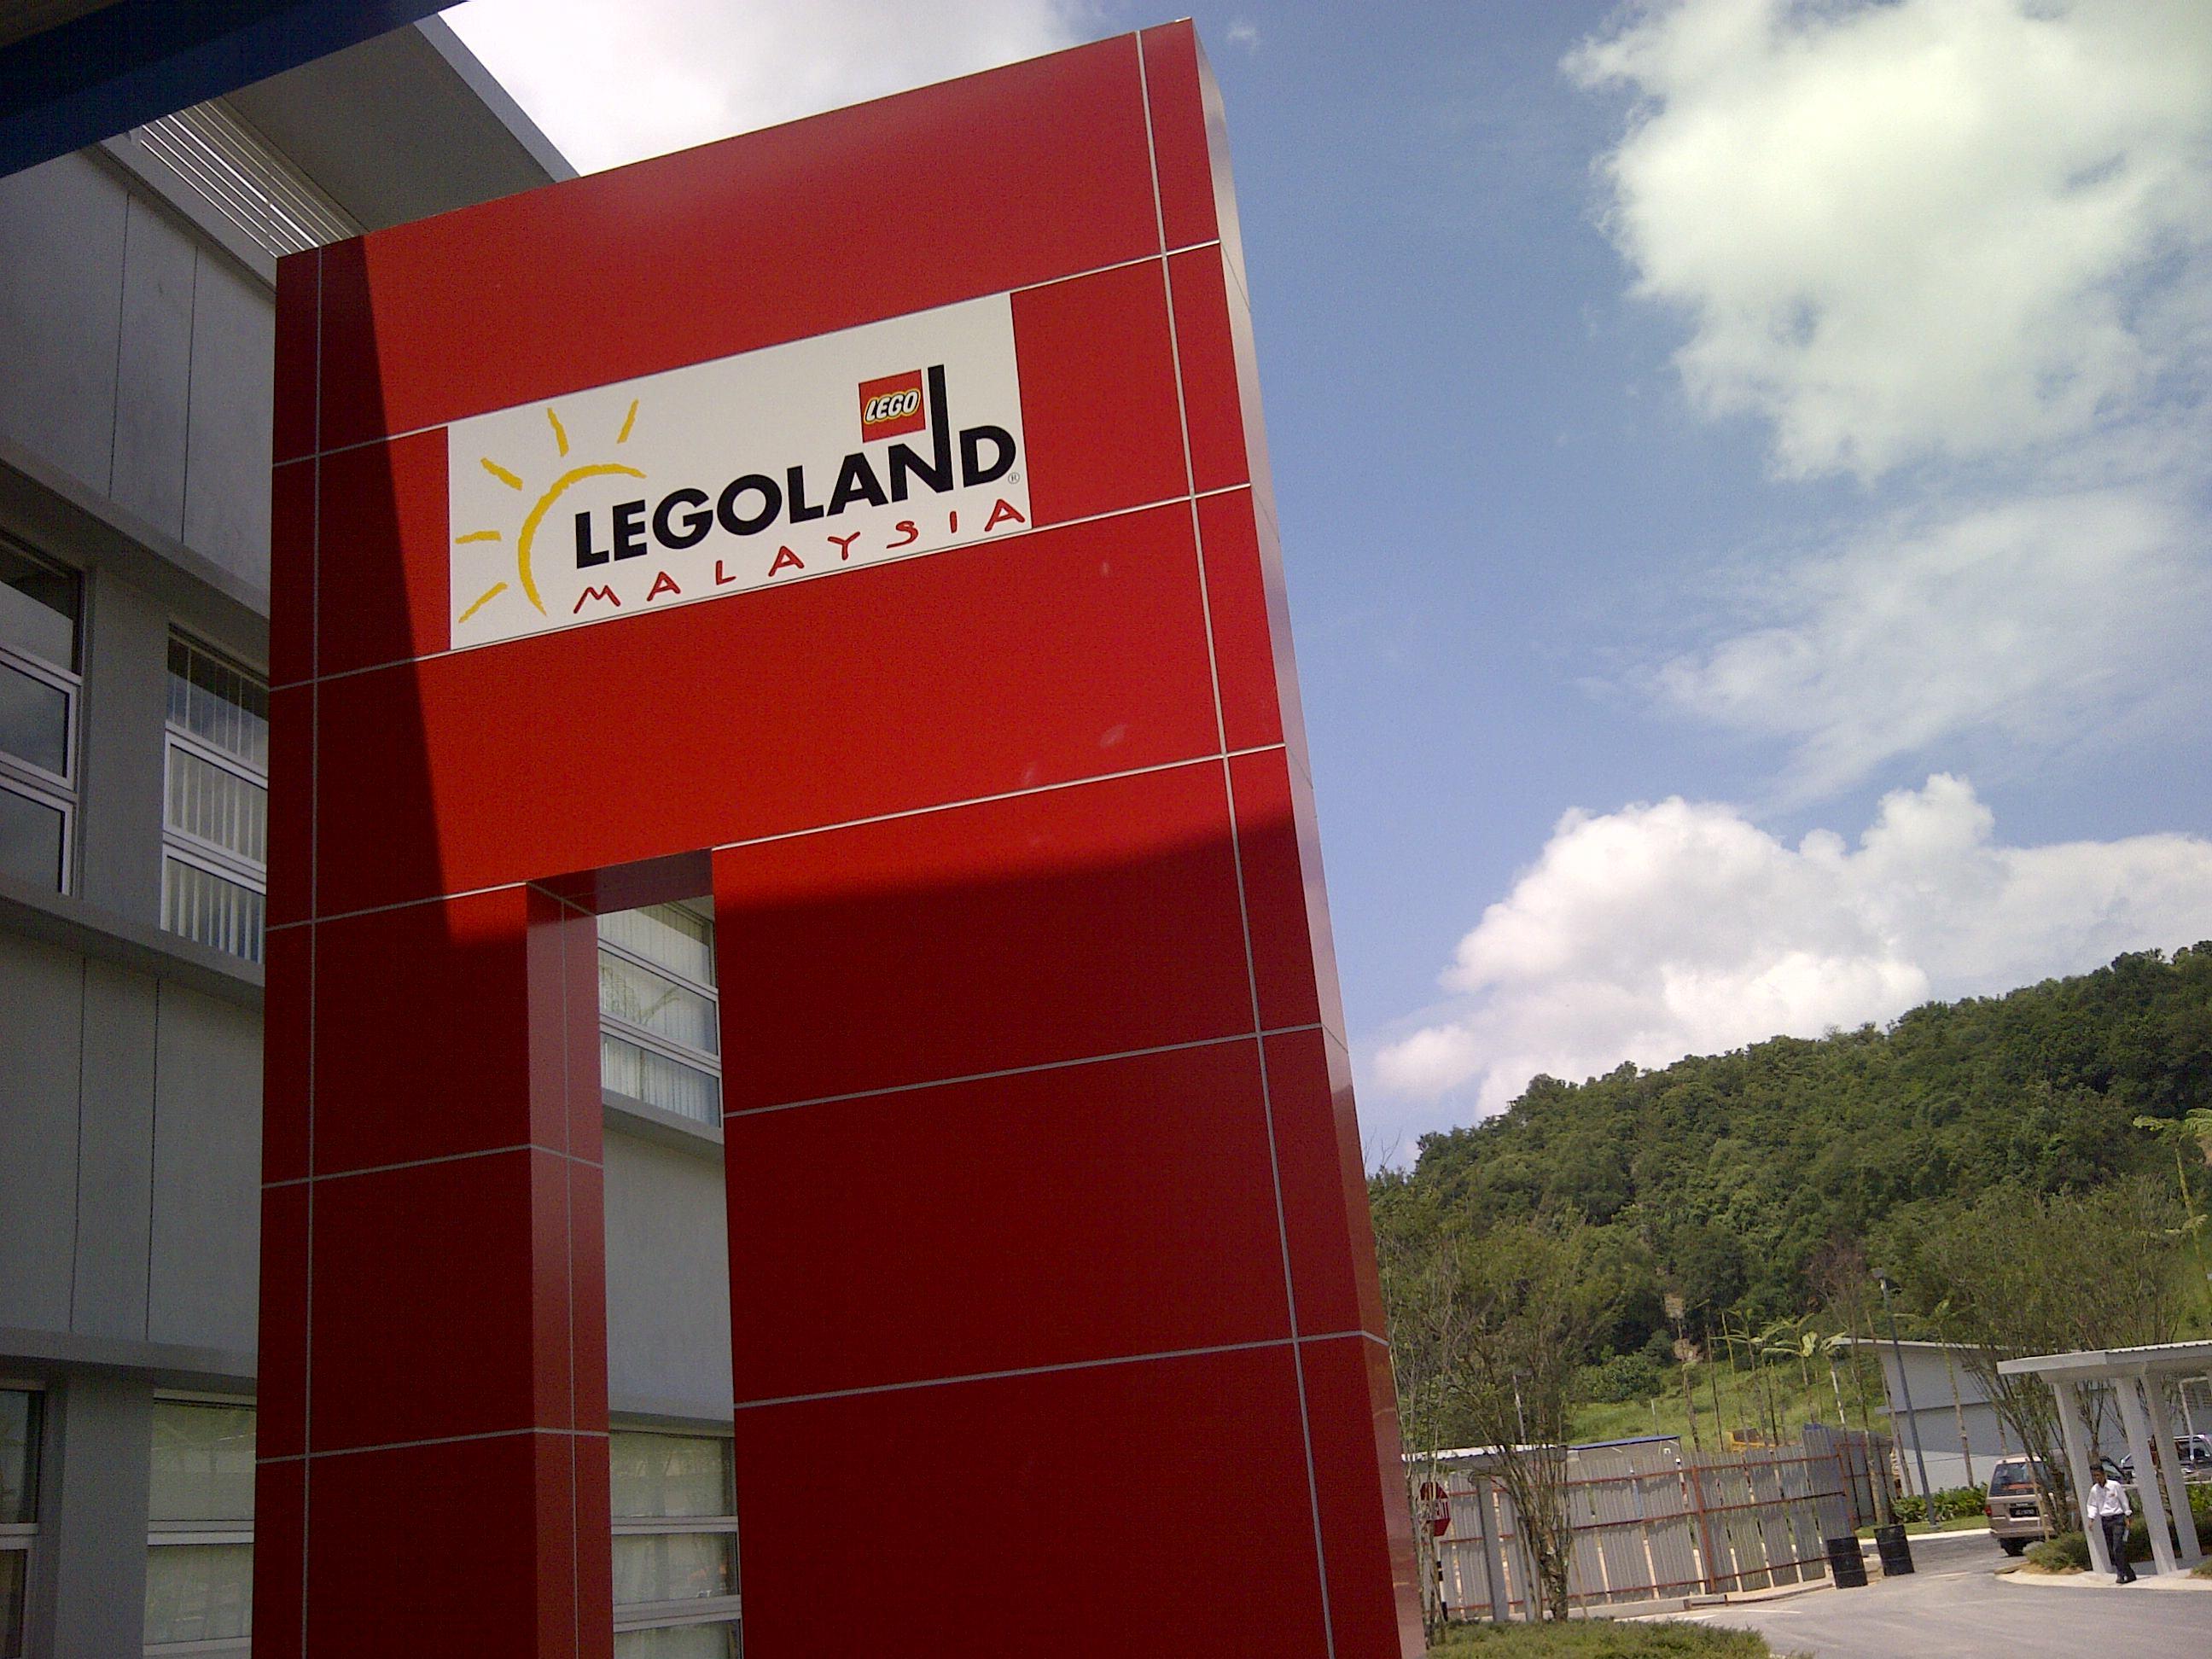 LEGOLAND® Malaysia Announces Opening Date! LEGOLAND Malaysia